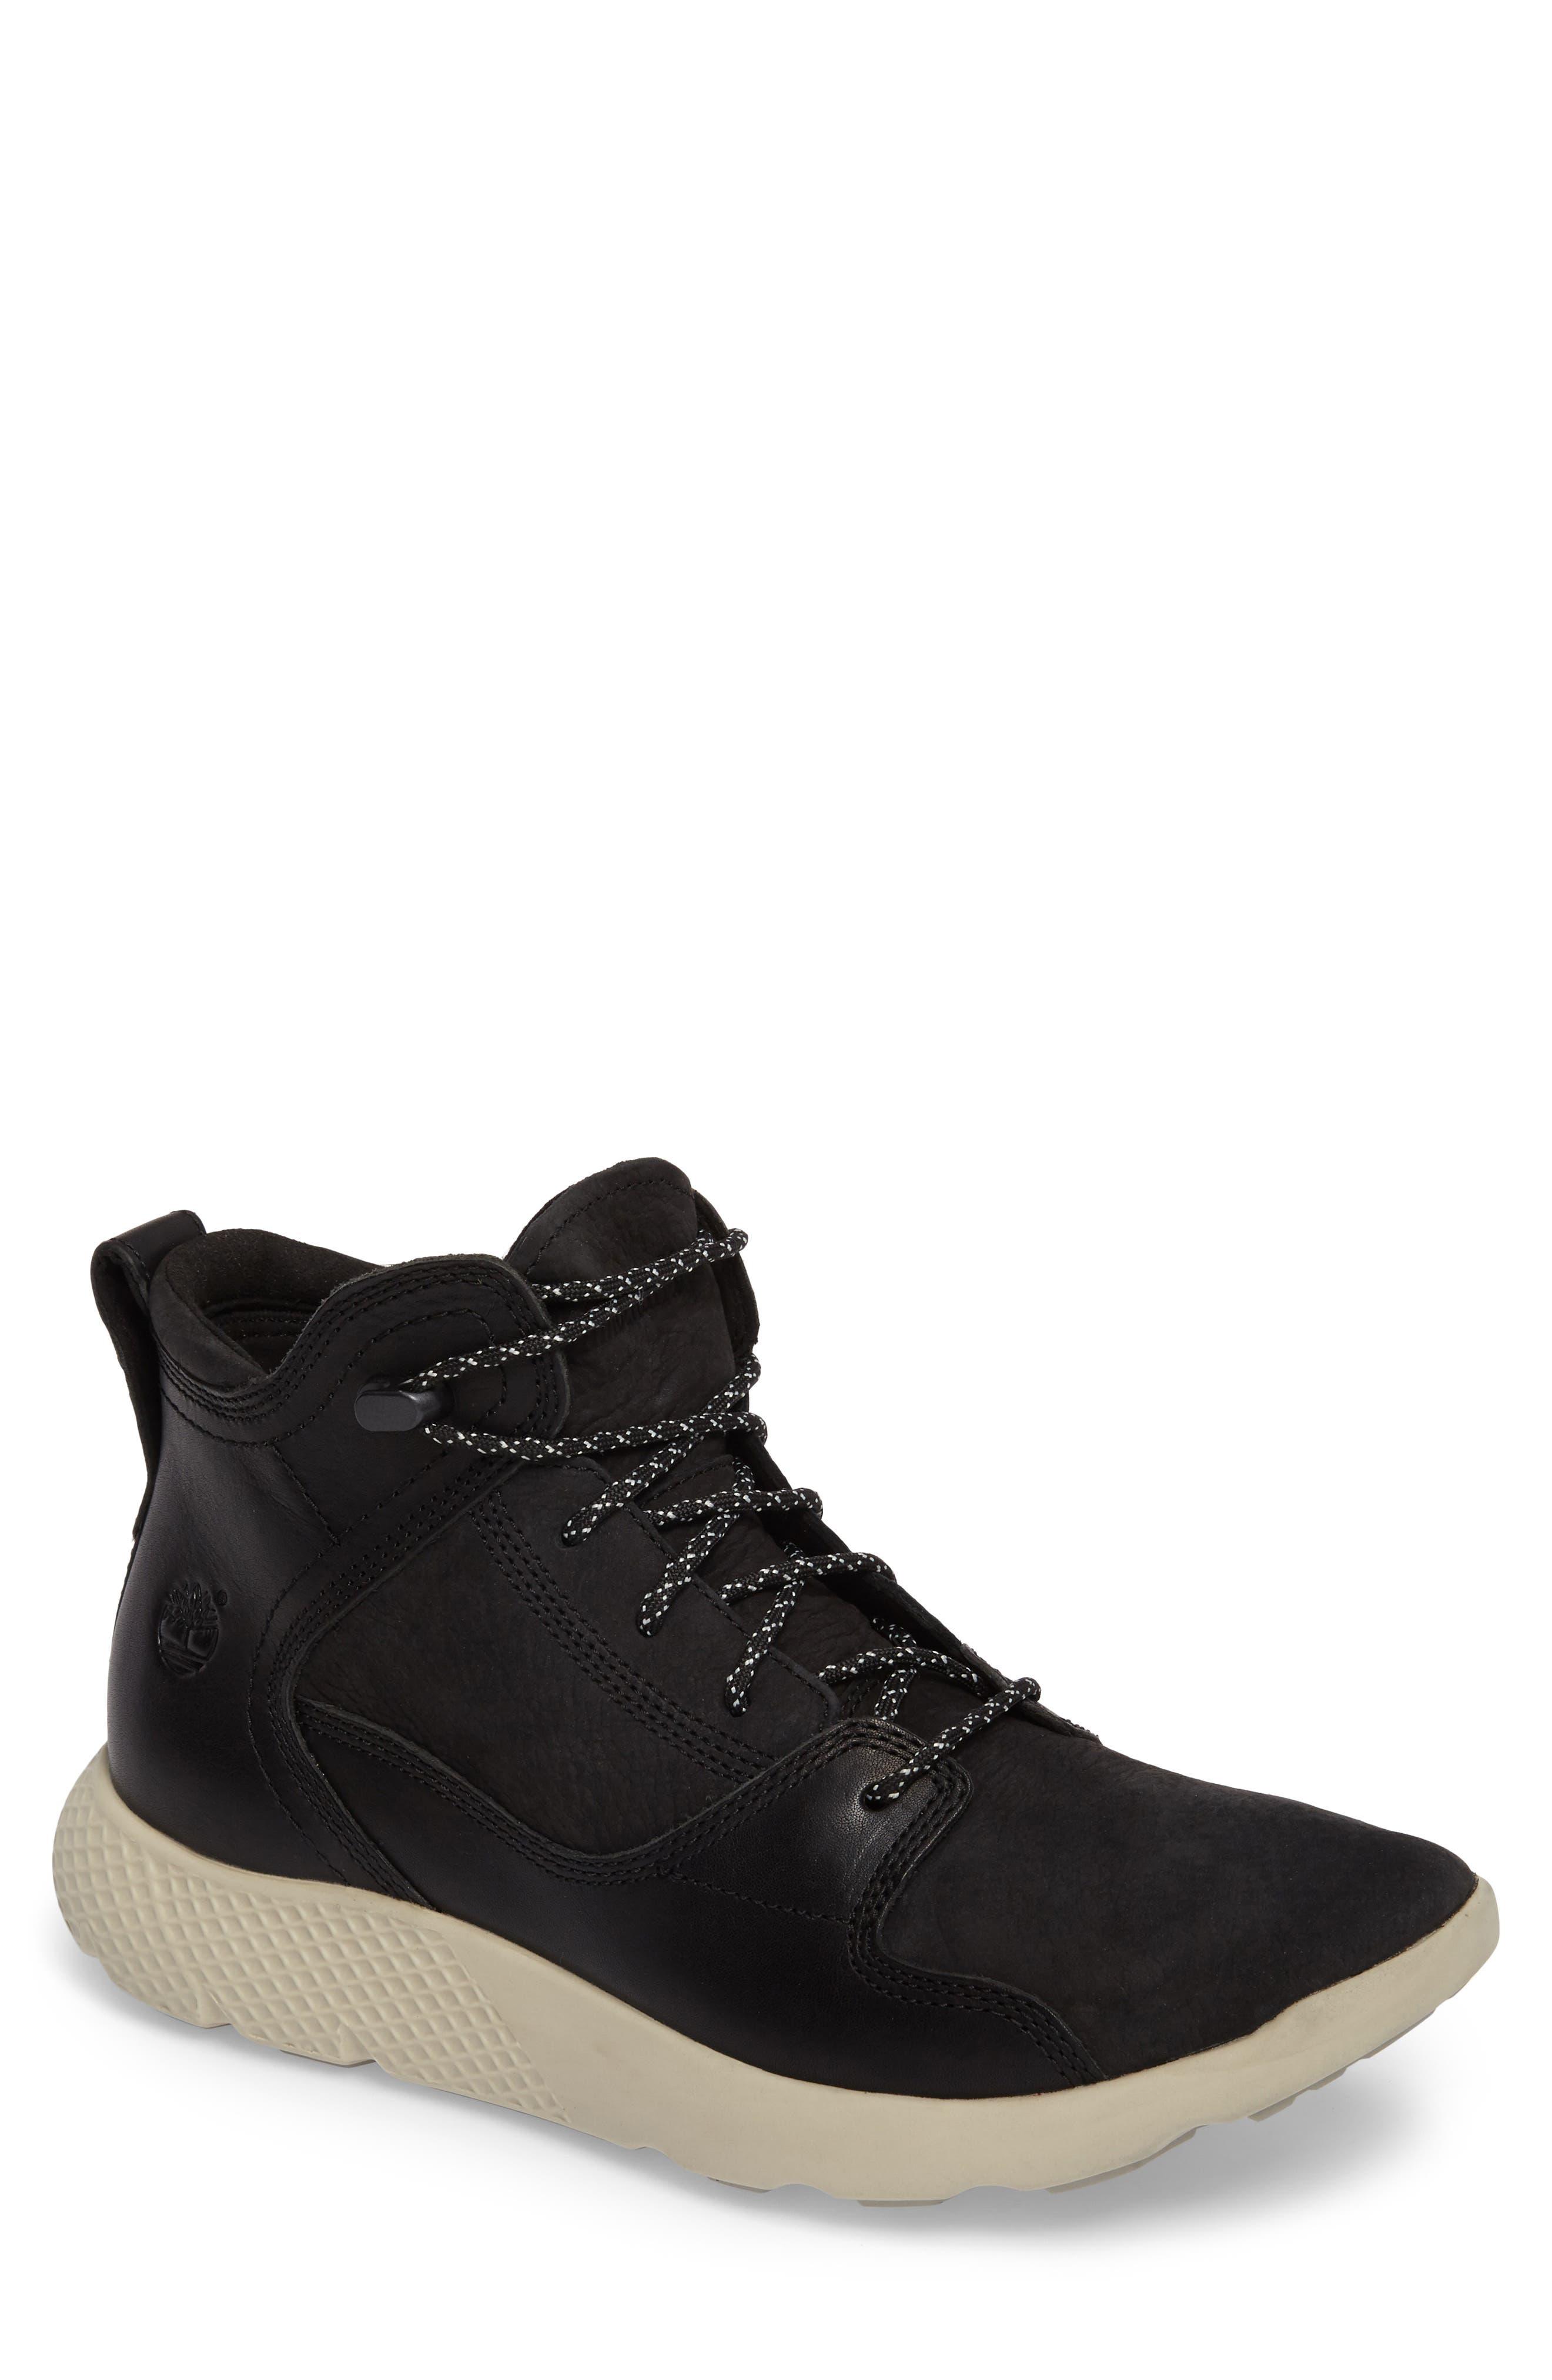 Fly Roam Chukka Boot,                         Main,                         color, BLACK NUBUCK